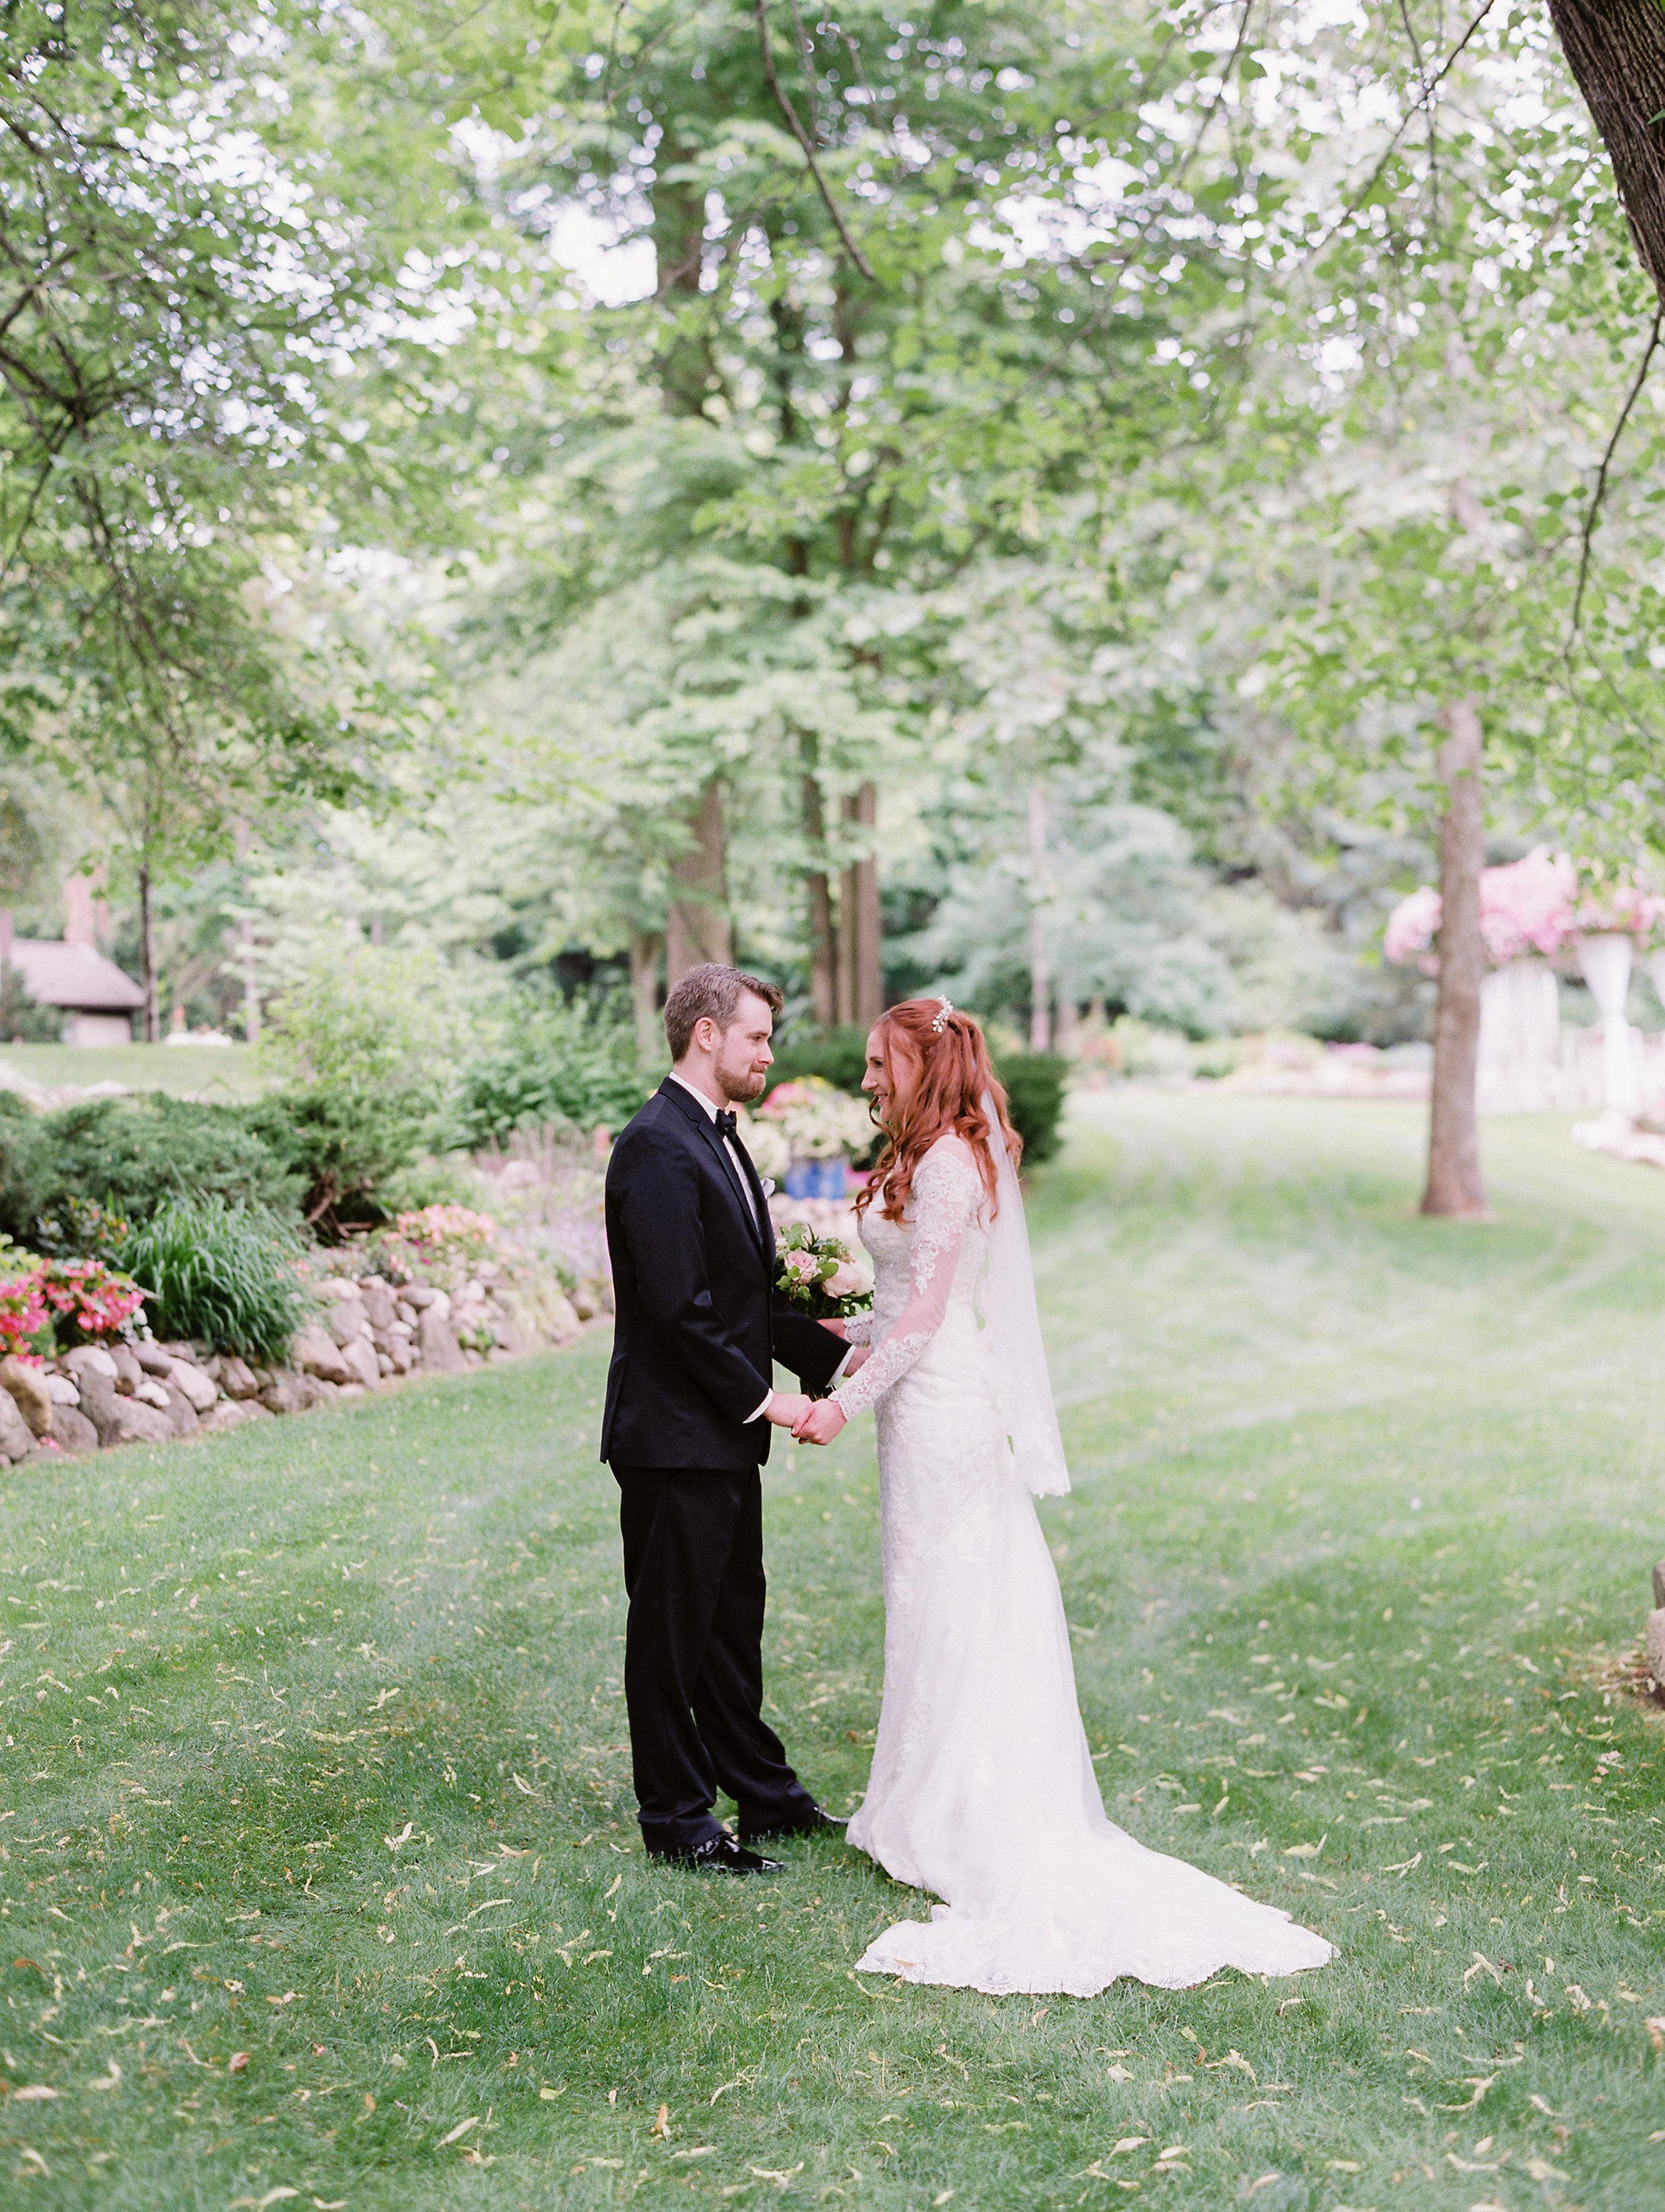 Conger+Wedding+First+Look-25.jpg